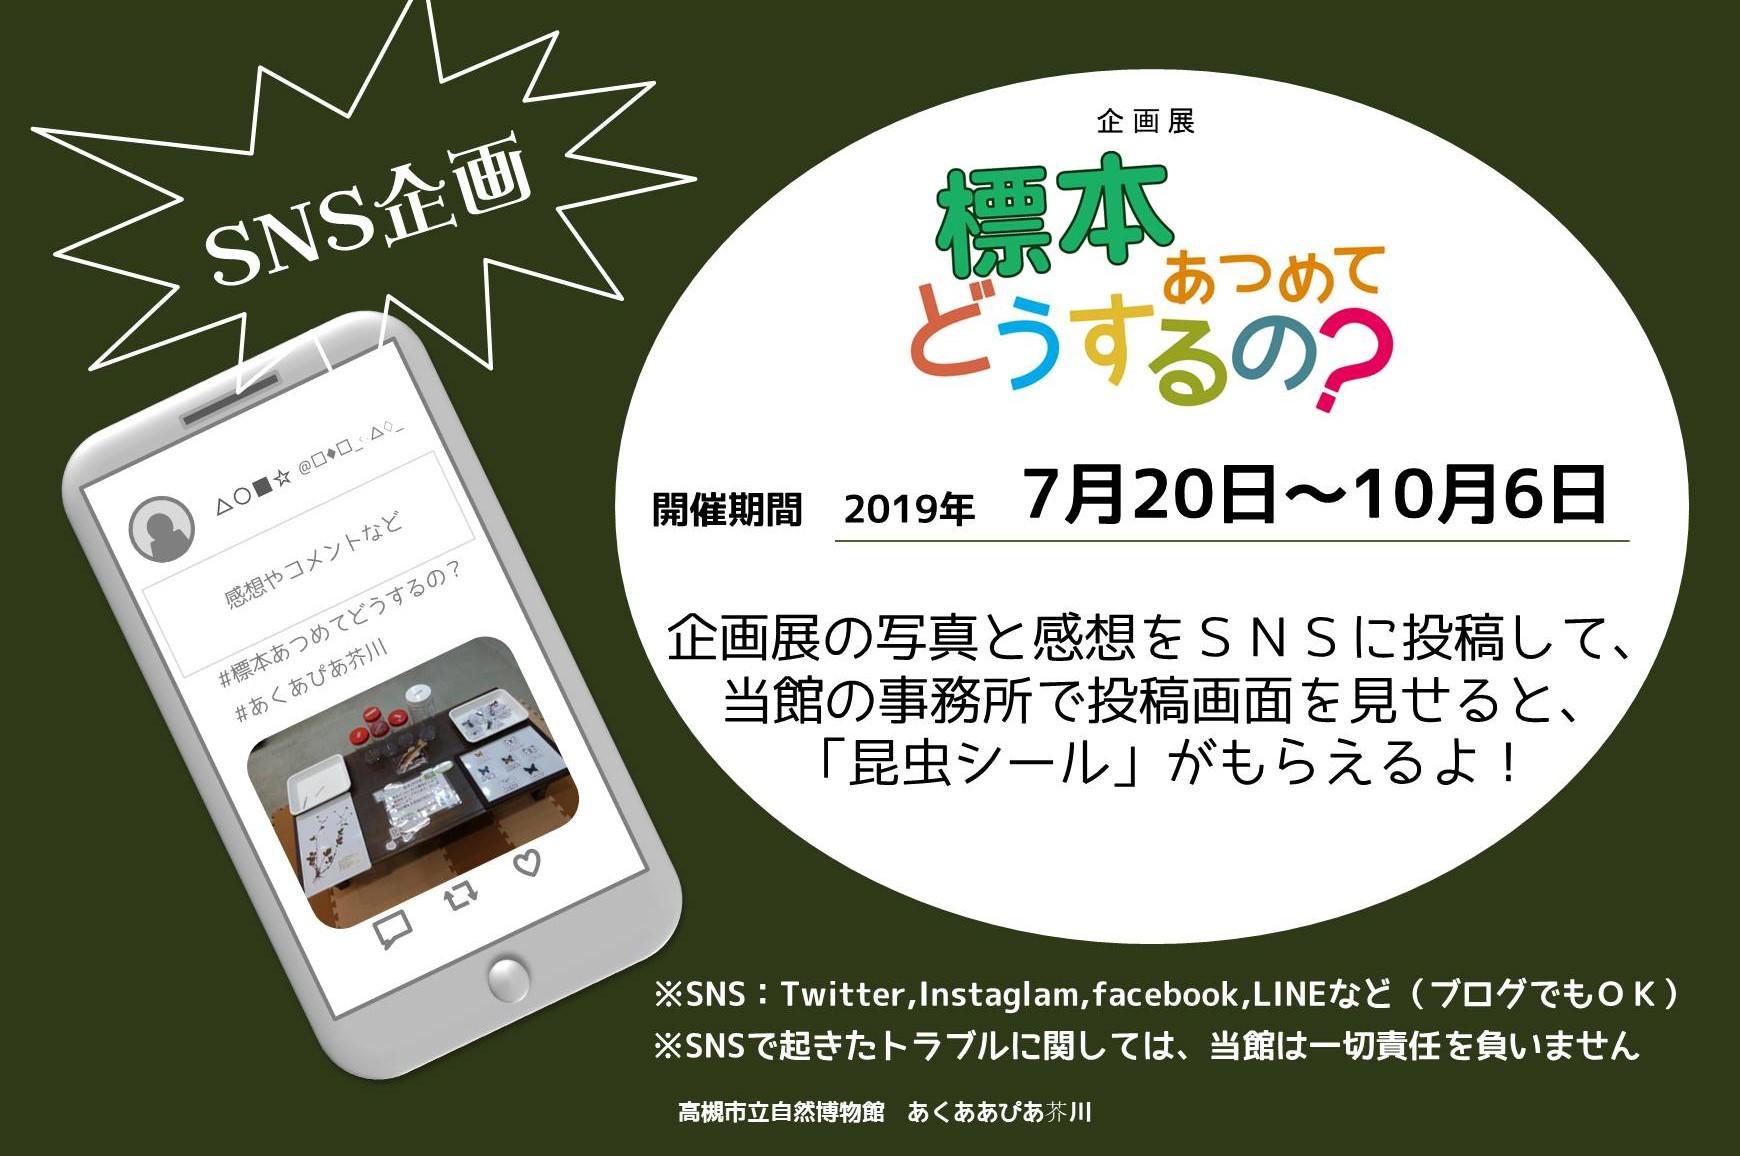 企画展SNS企画詳細画像.jpg